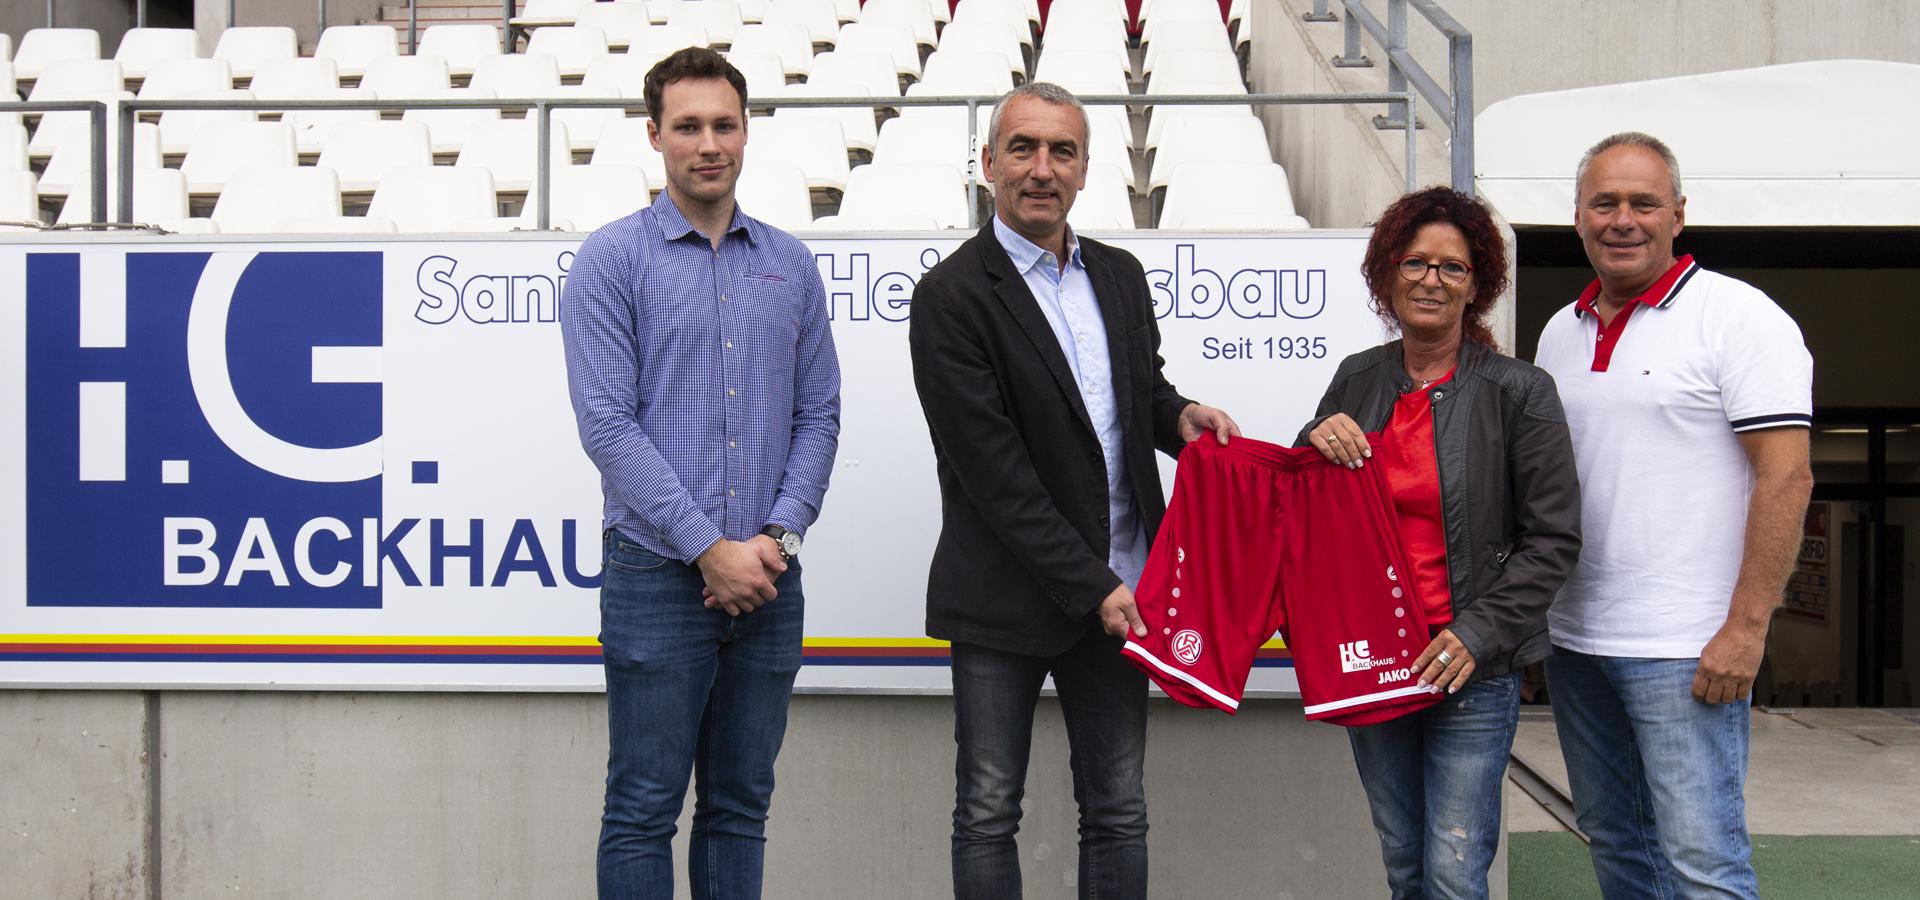 Neues Wappen auf der Hose: (v.l.n.r.) RWE-Vertriebsmitarbeiter Max Jakob Hinterlang, Vorstand Marcus Uhlig sowie Ingrid und Hans-Günther Backhaus freuen sich über die neue Partnerschaft.